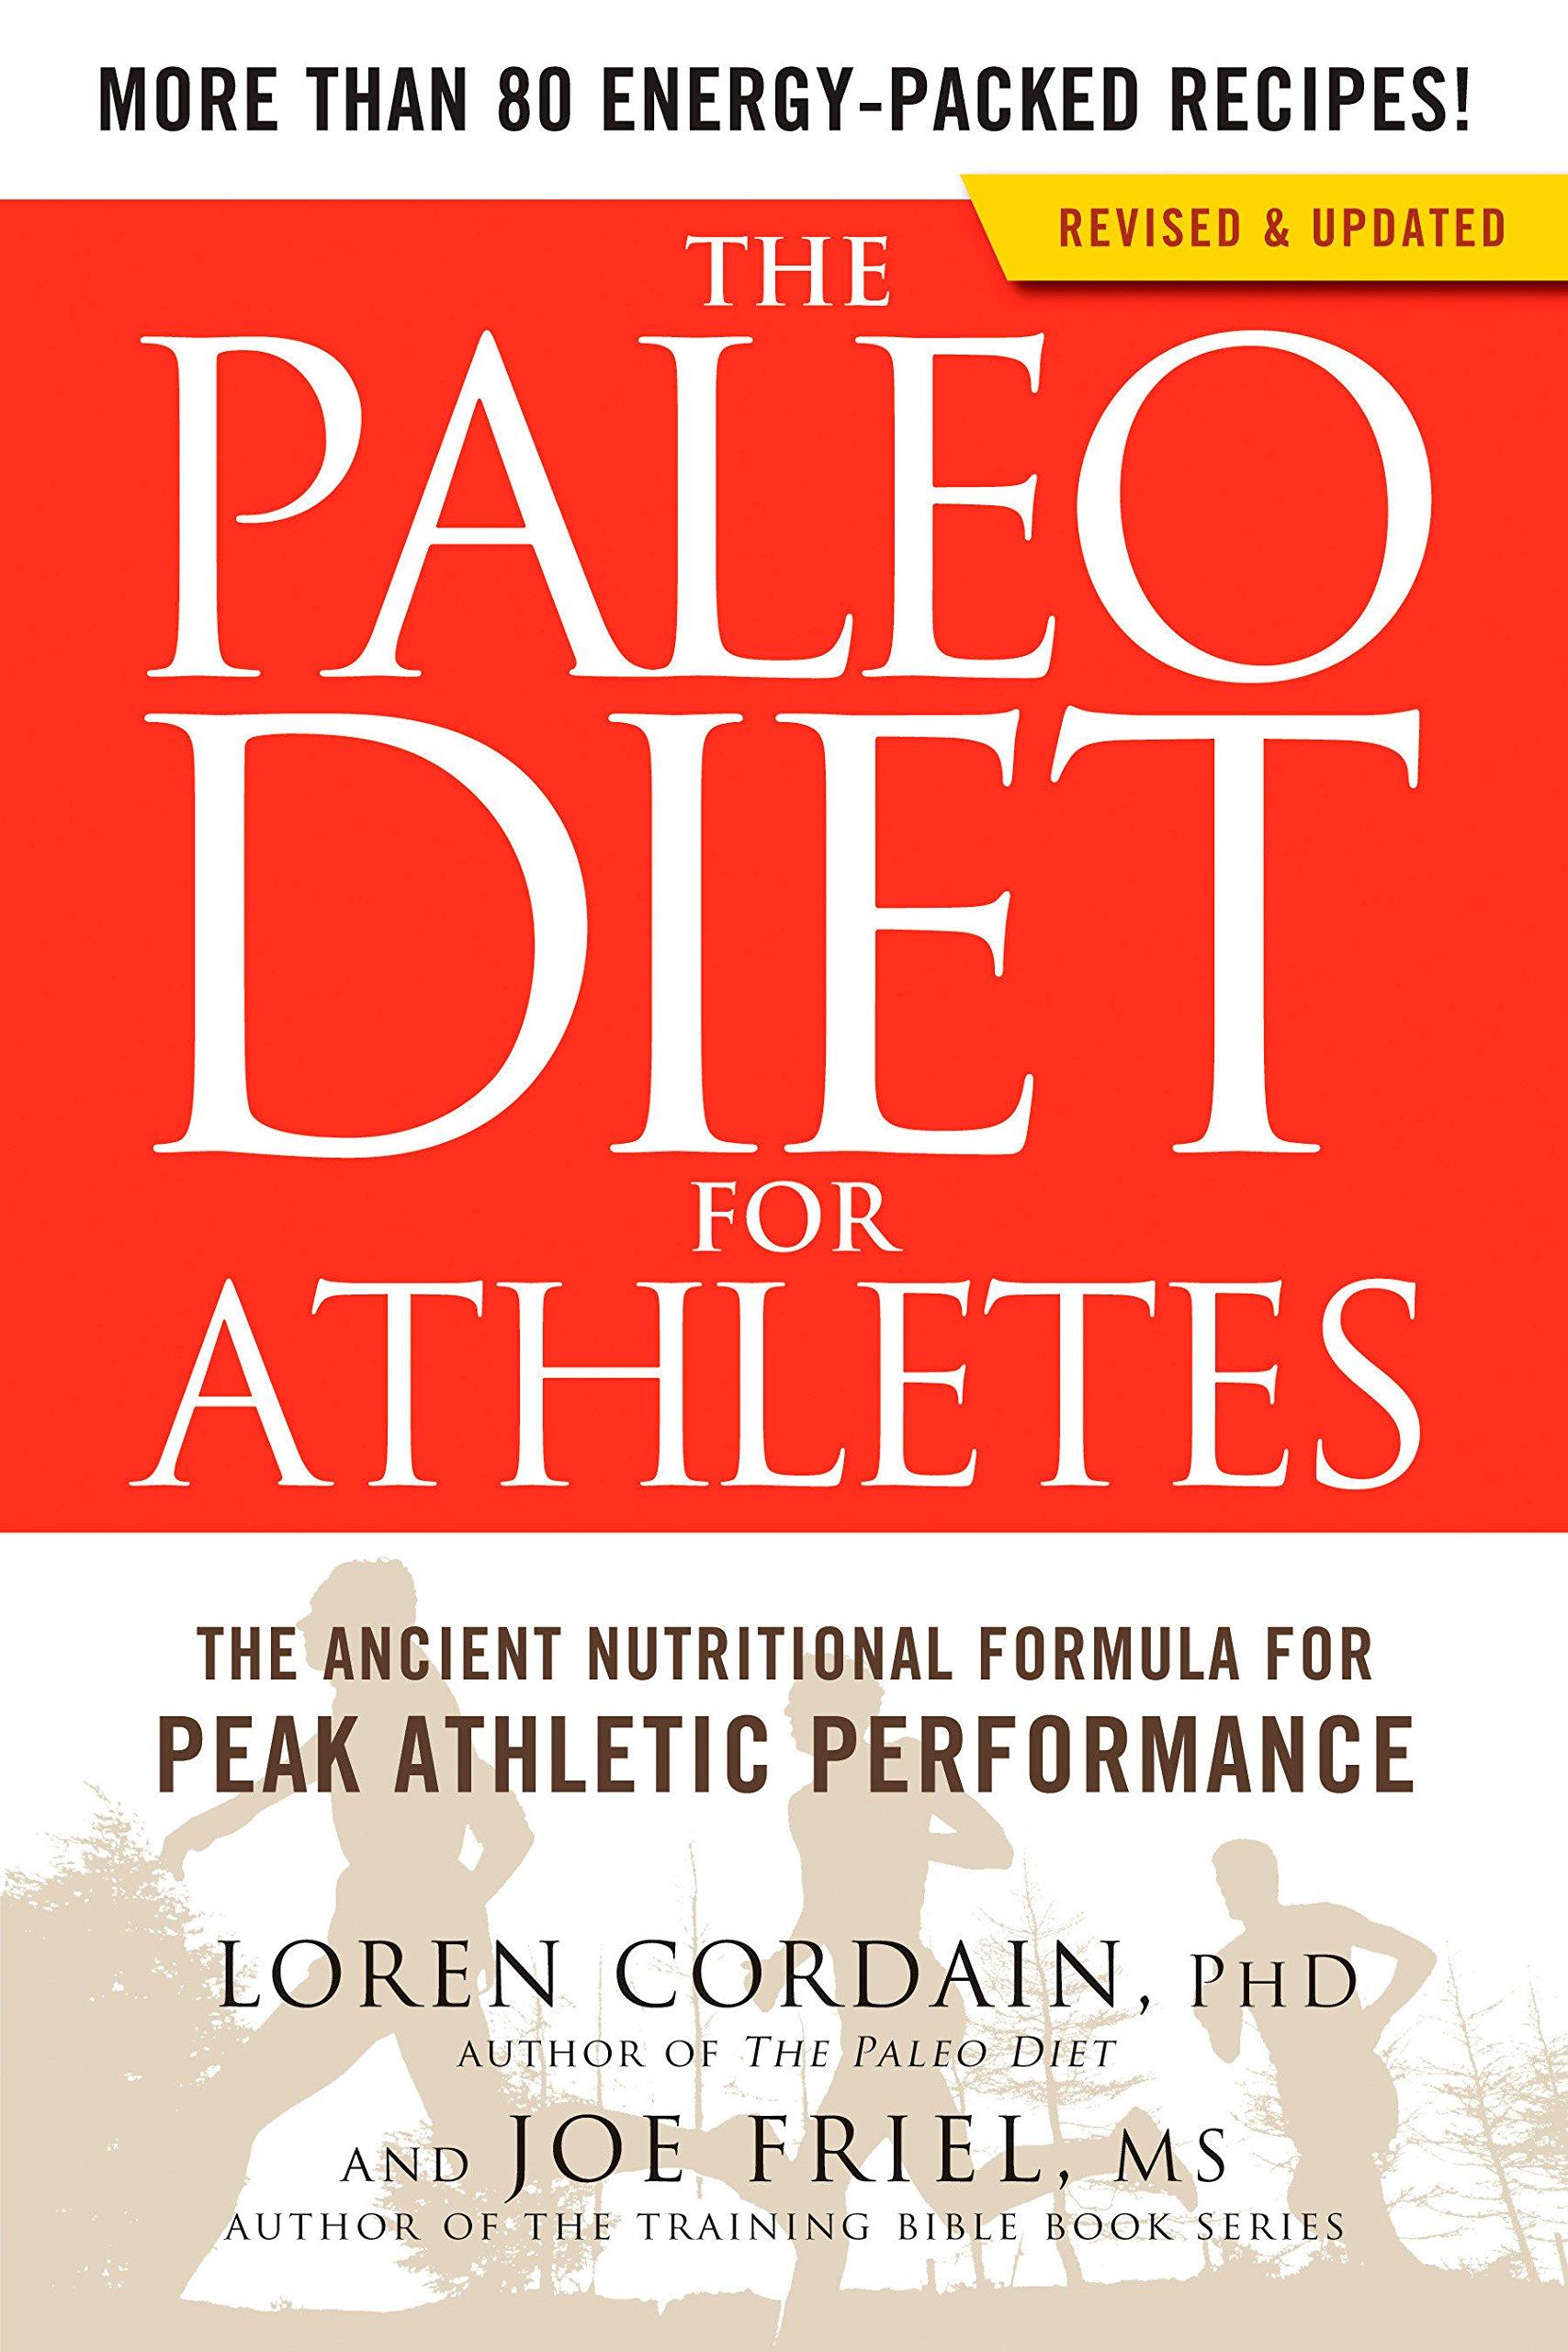 paleo diet book sales